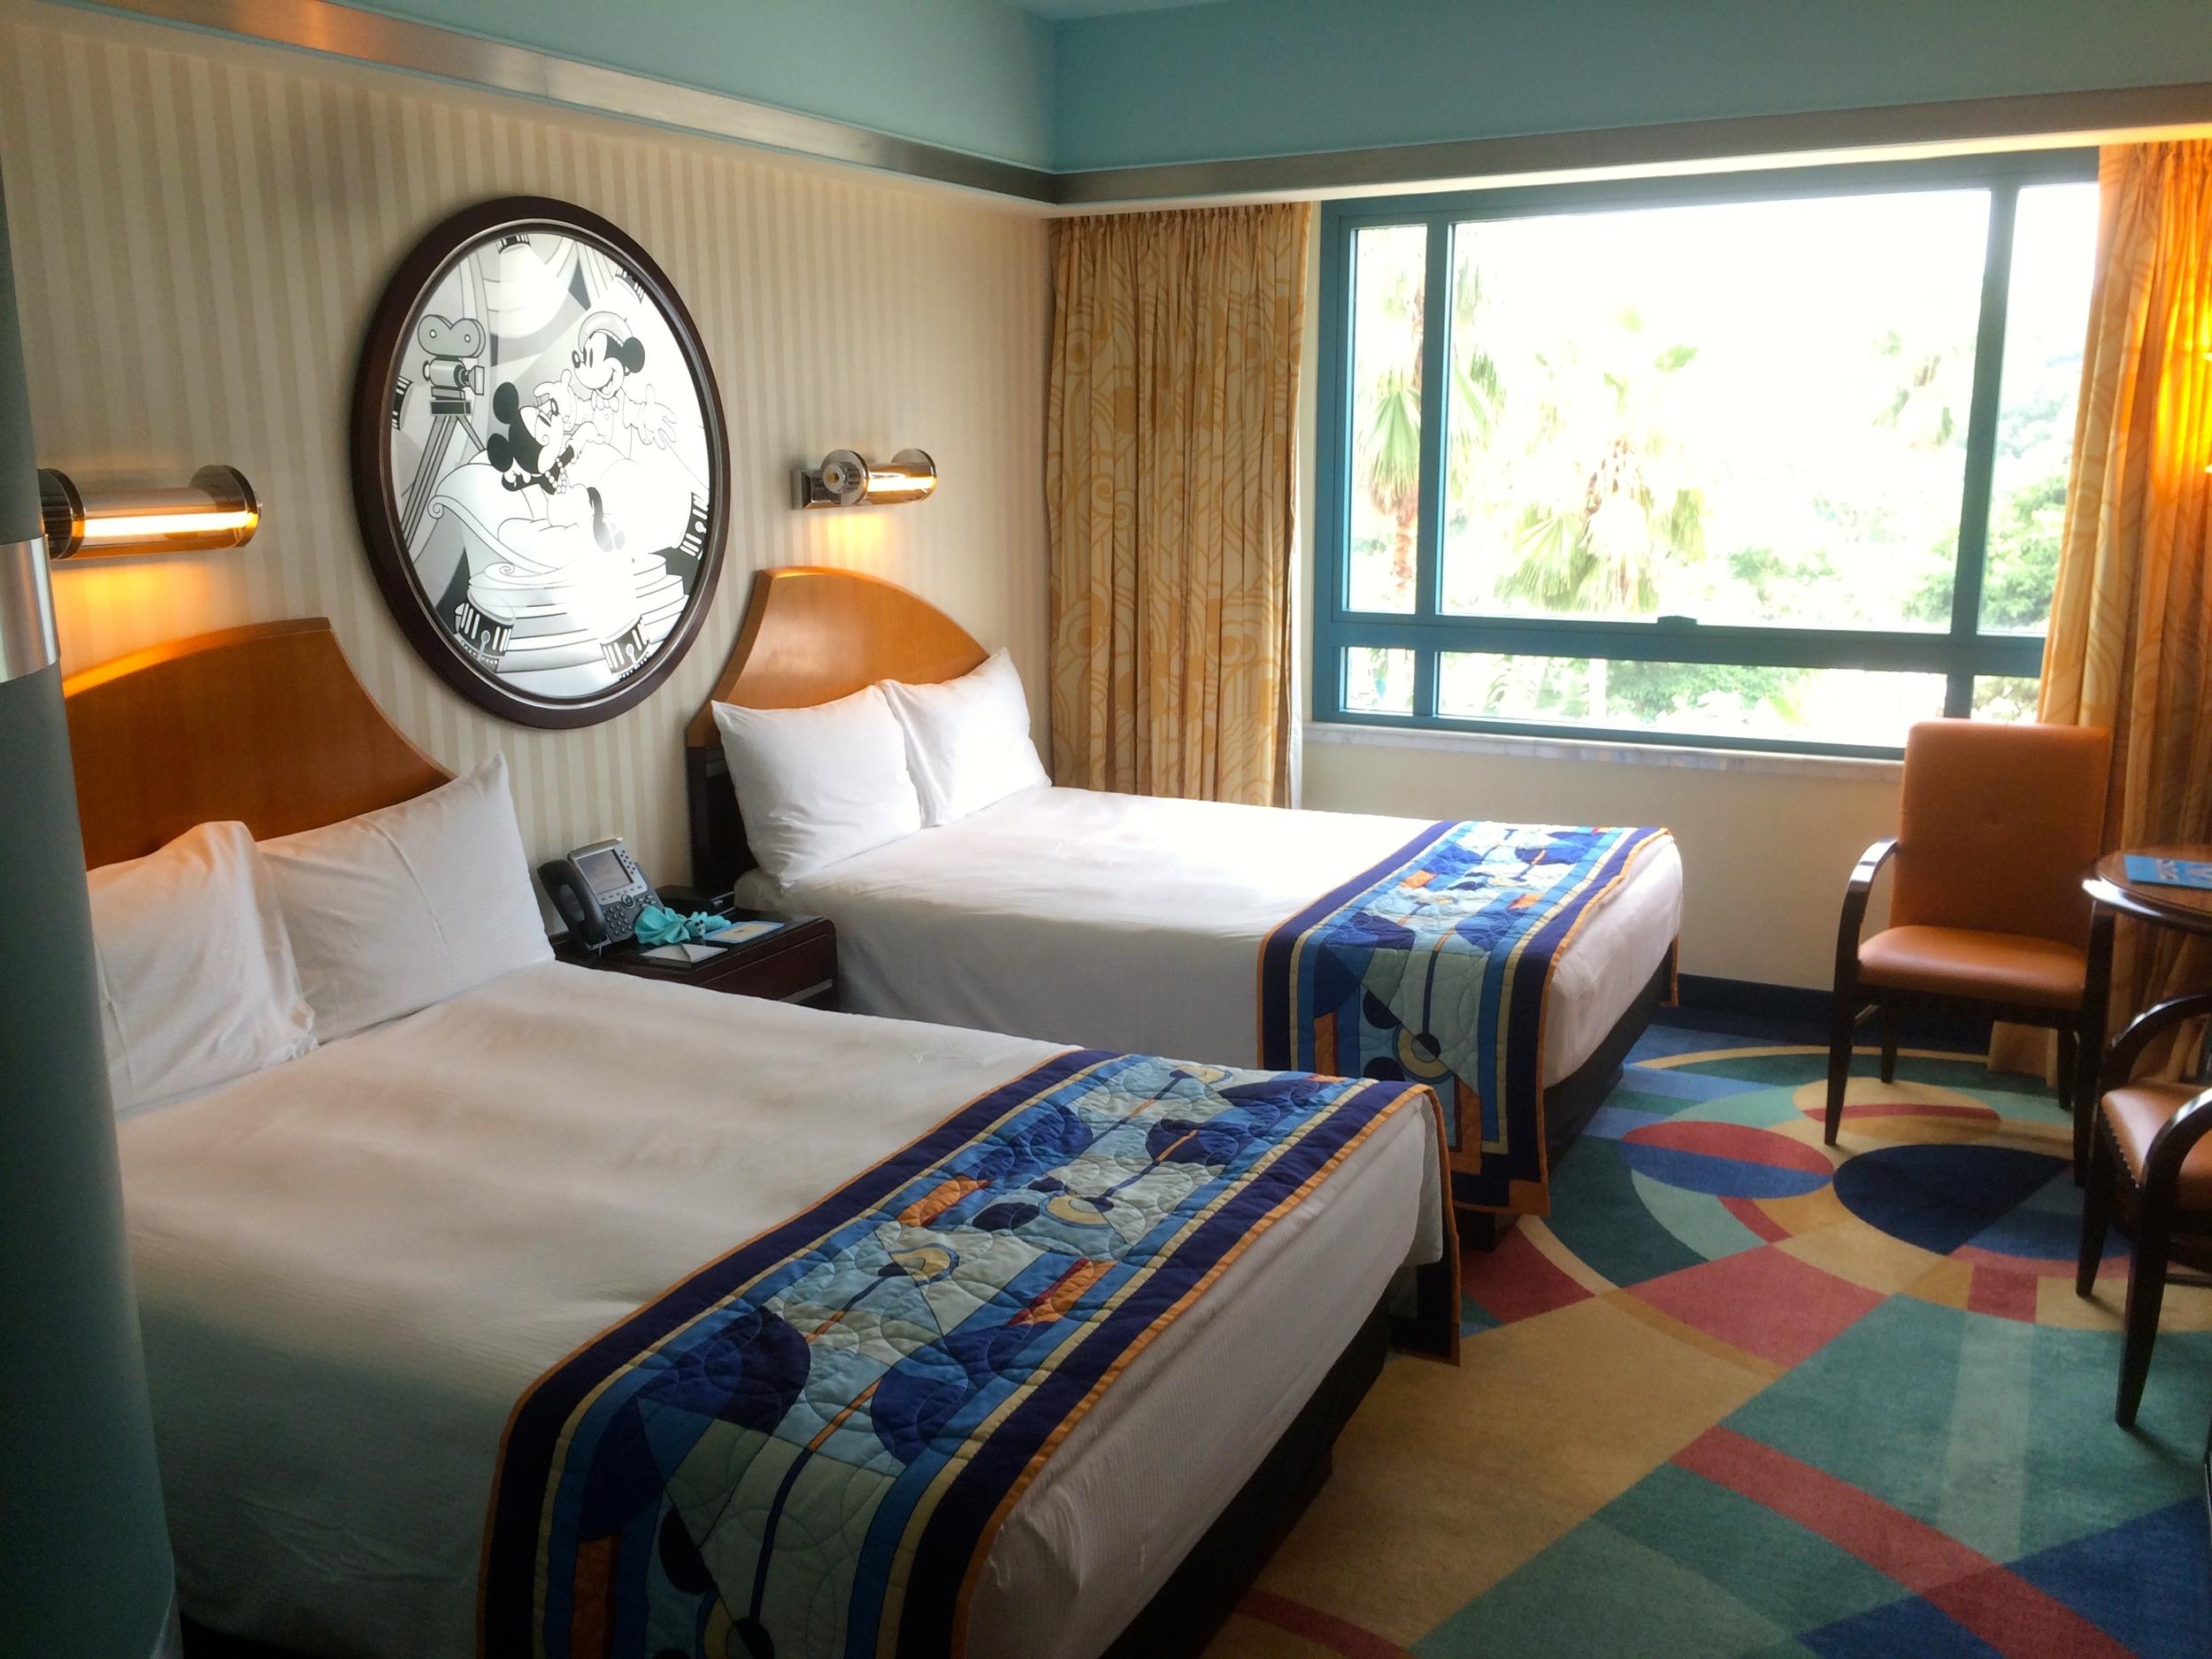 cheesy hotel room photo